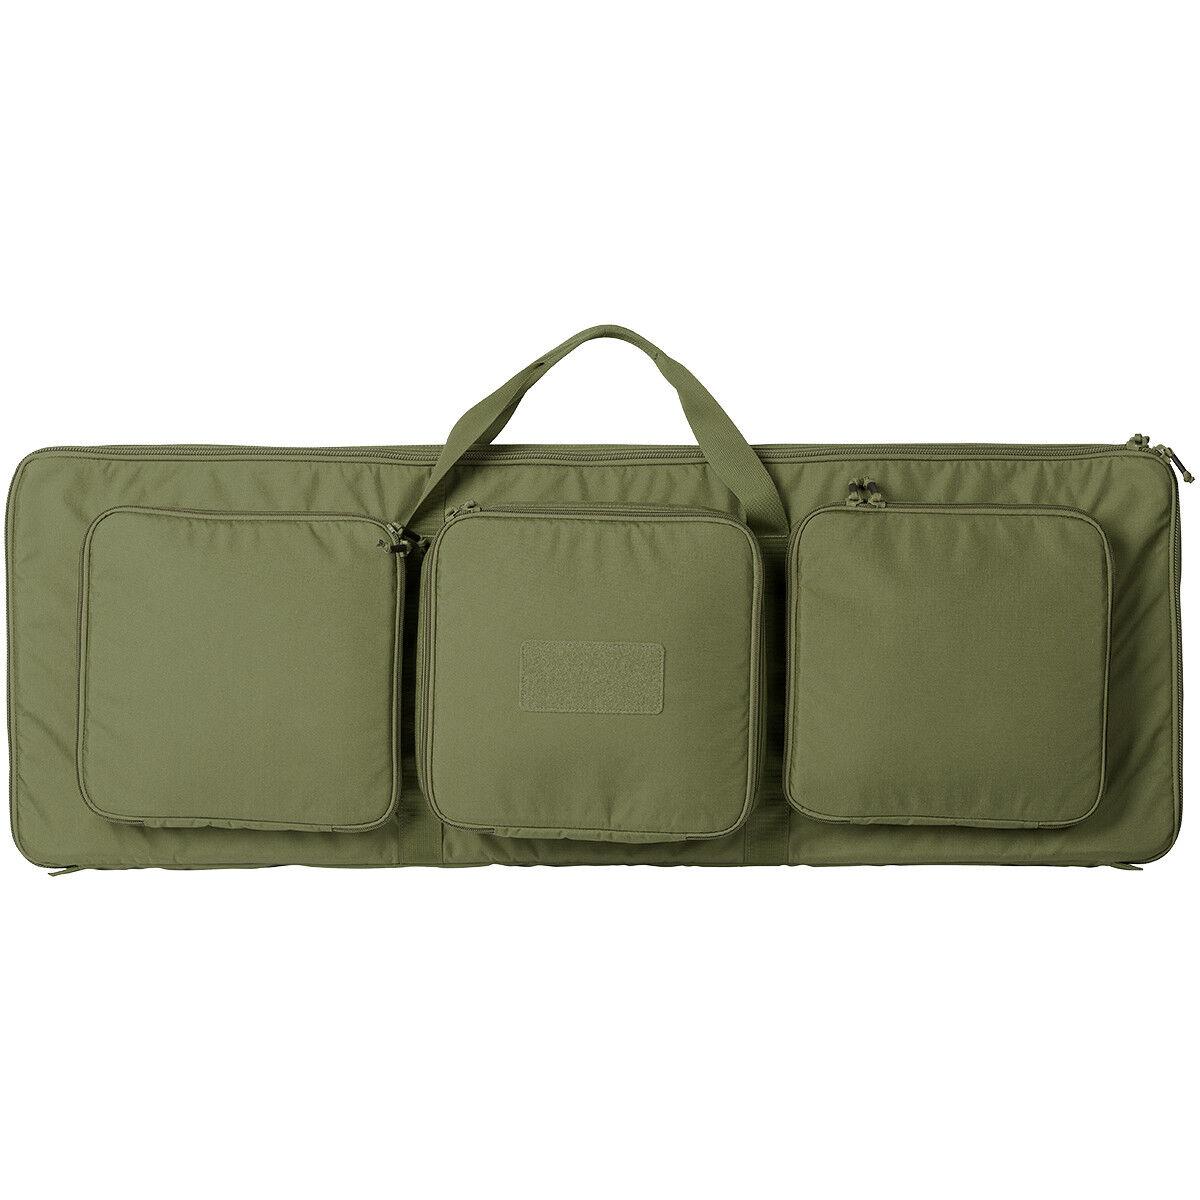 Helikon Double Upper Rifle Bag 18 Gun Carrier Weapon Shoulder Bag Olive Green